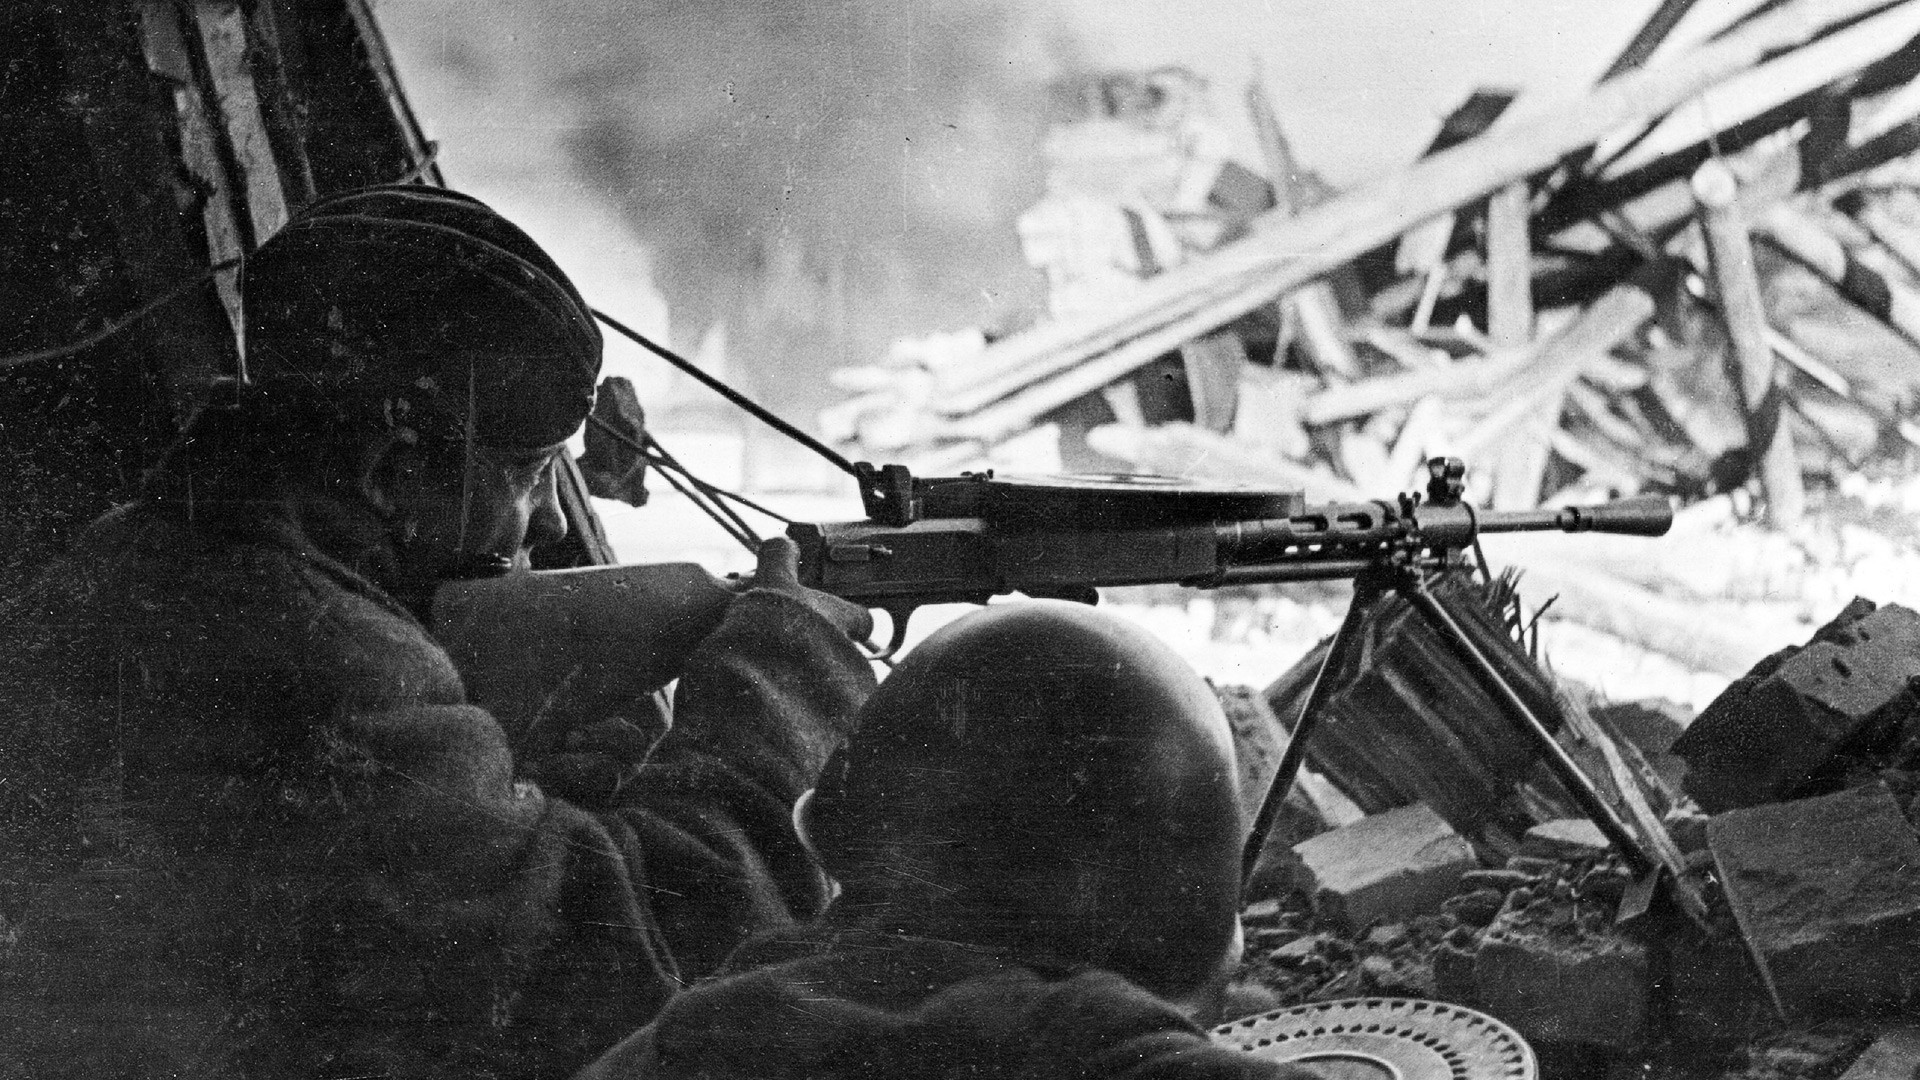 Sovjetski mitraljesci pucaju u naciste koji su se zabarikadirali u kućama tokom uličnih borbi u predgrađu Staljingrada.